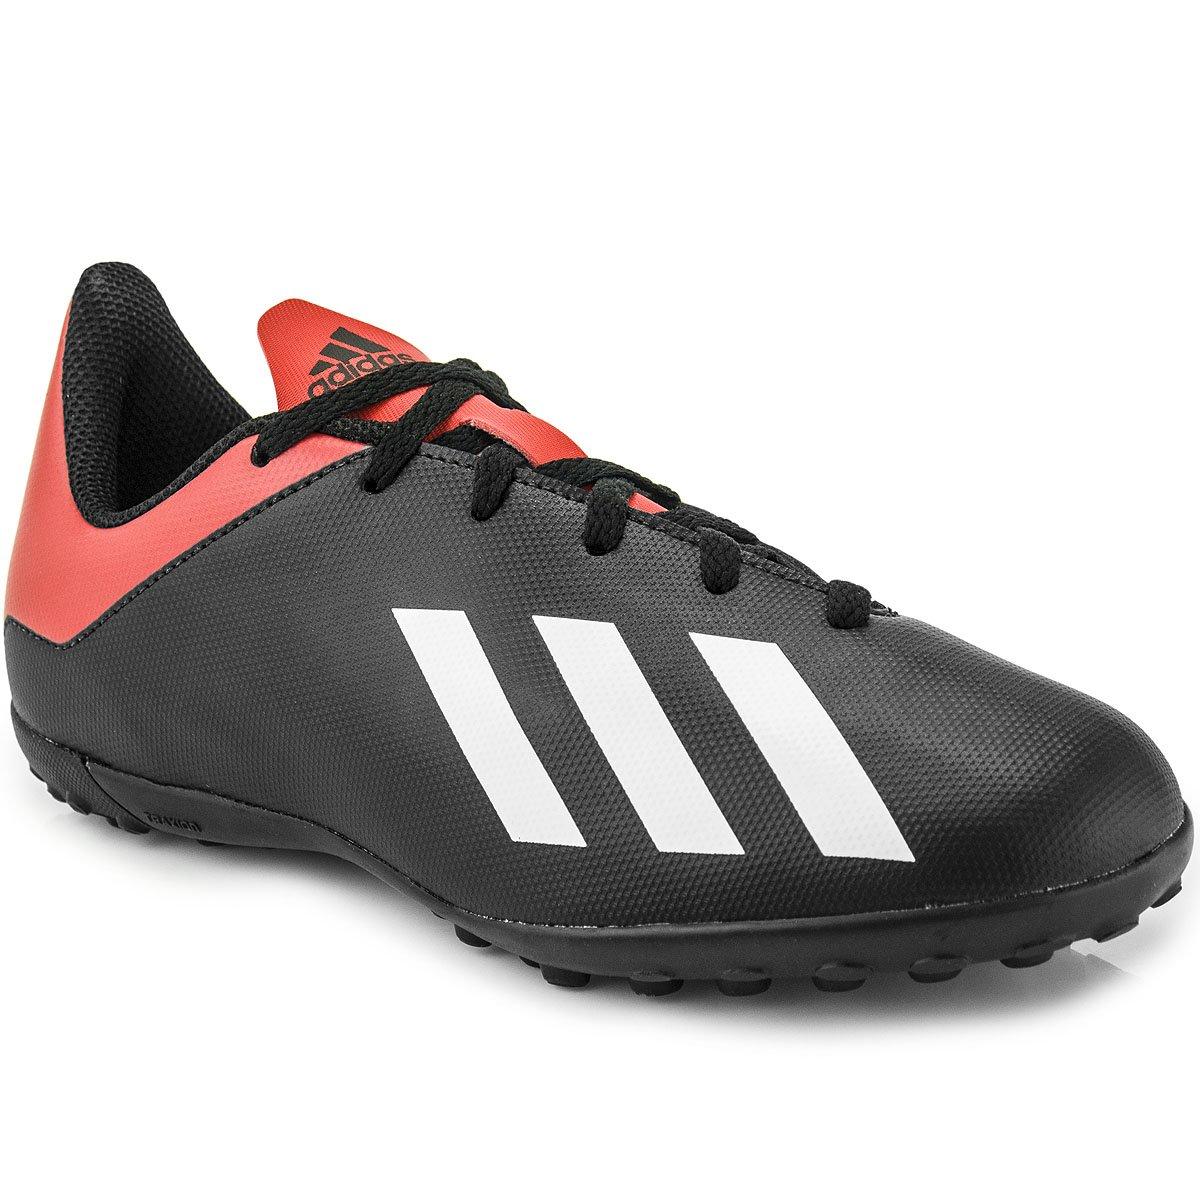 b3cd491626 Chuteira Adidas X 18.4 TF Infantil